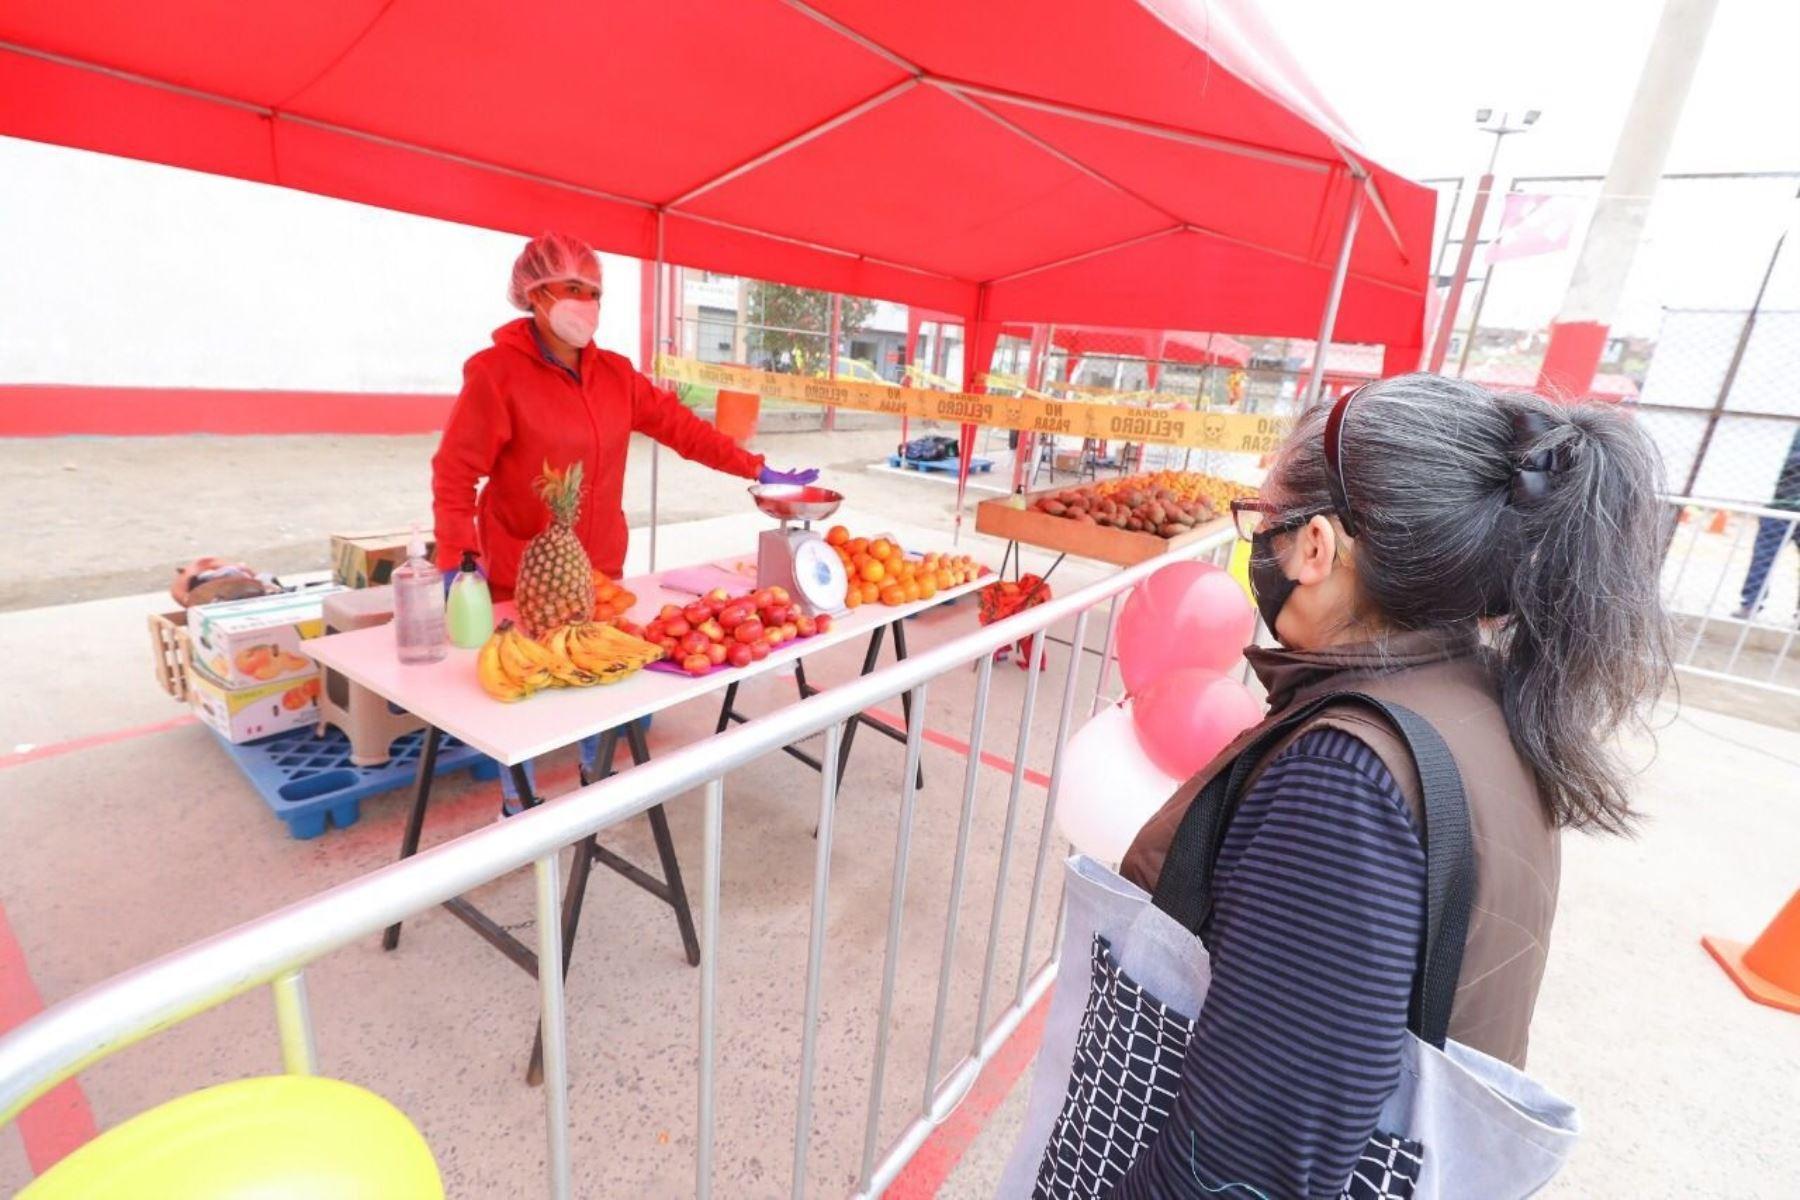 Consumidores podrán abastecerse de alimentos de primera necesidad en lugares adaptados para desconcentrar la afluencia en los mercados de abastos.